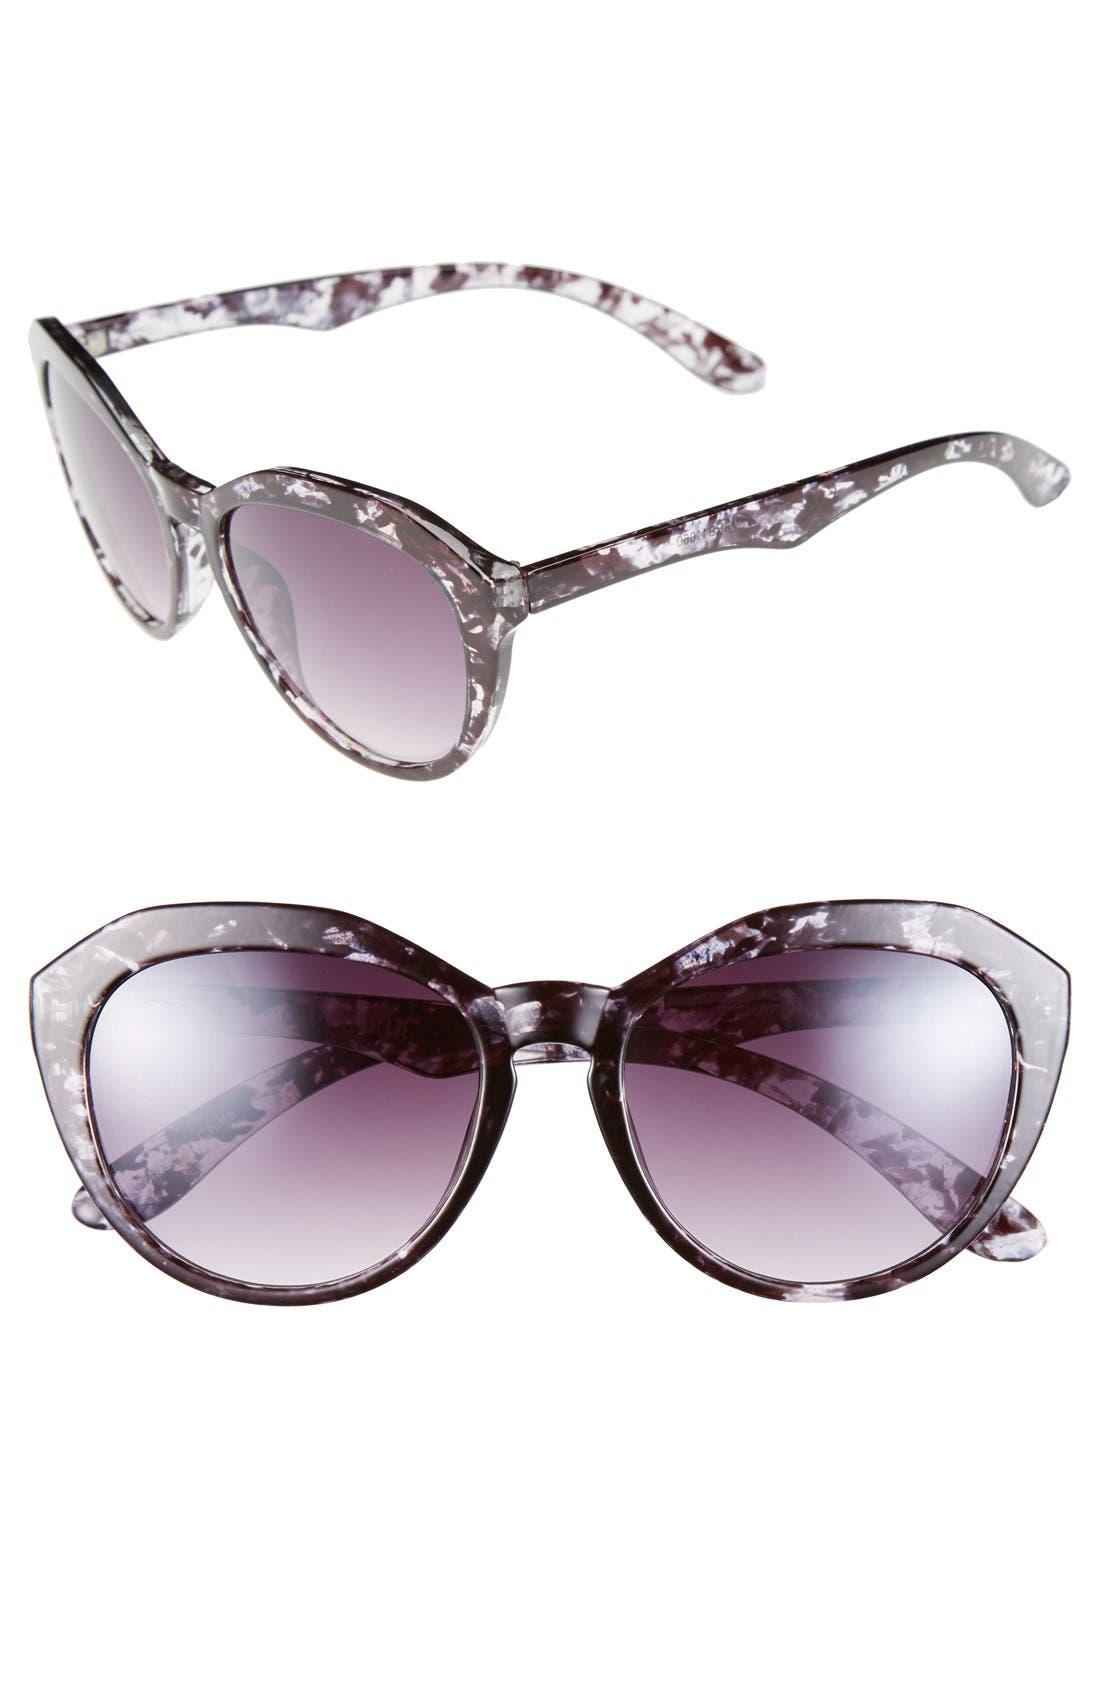 Alternate Image 1 Selected - BP. 53mm Marble Sunglasses (Juniors)